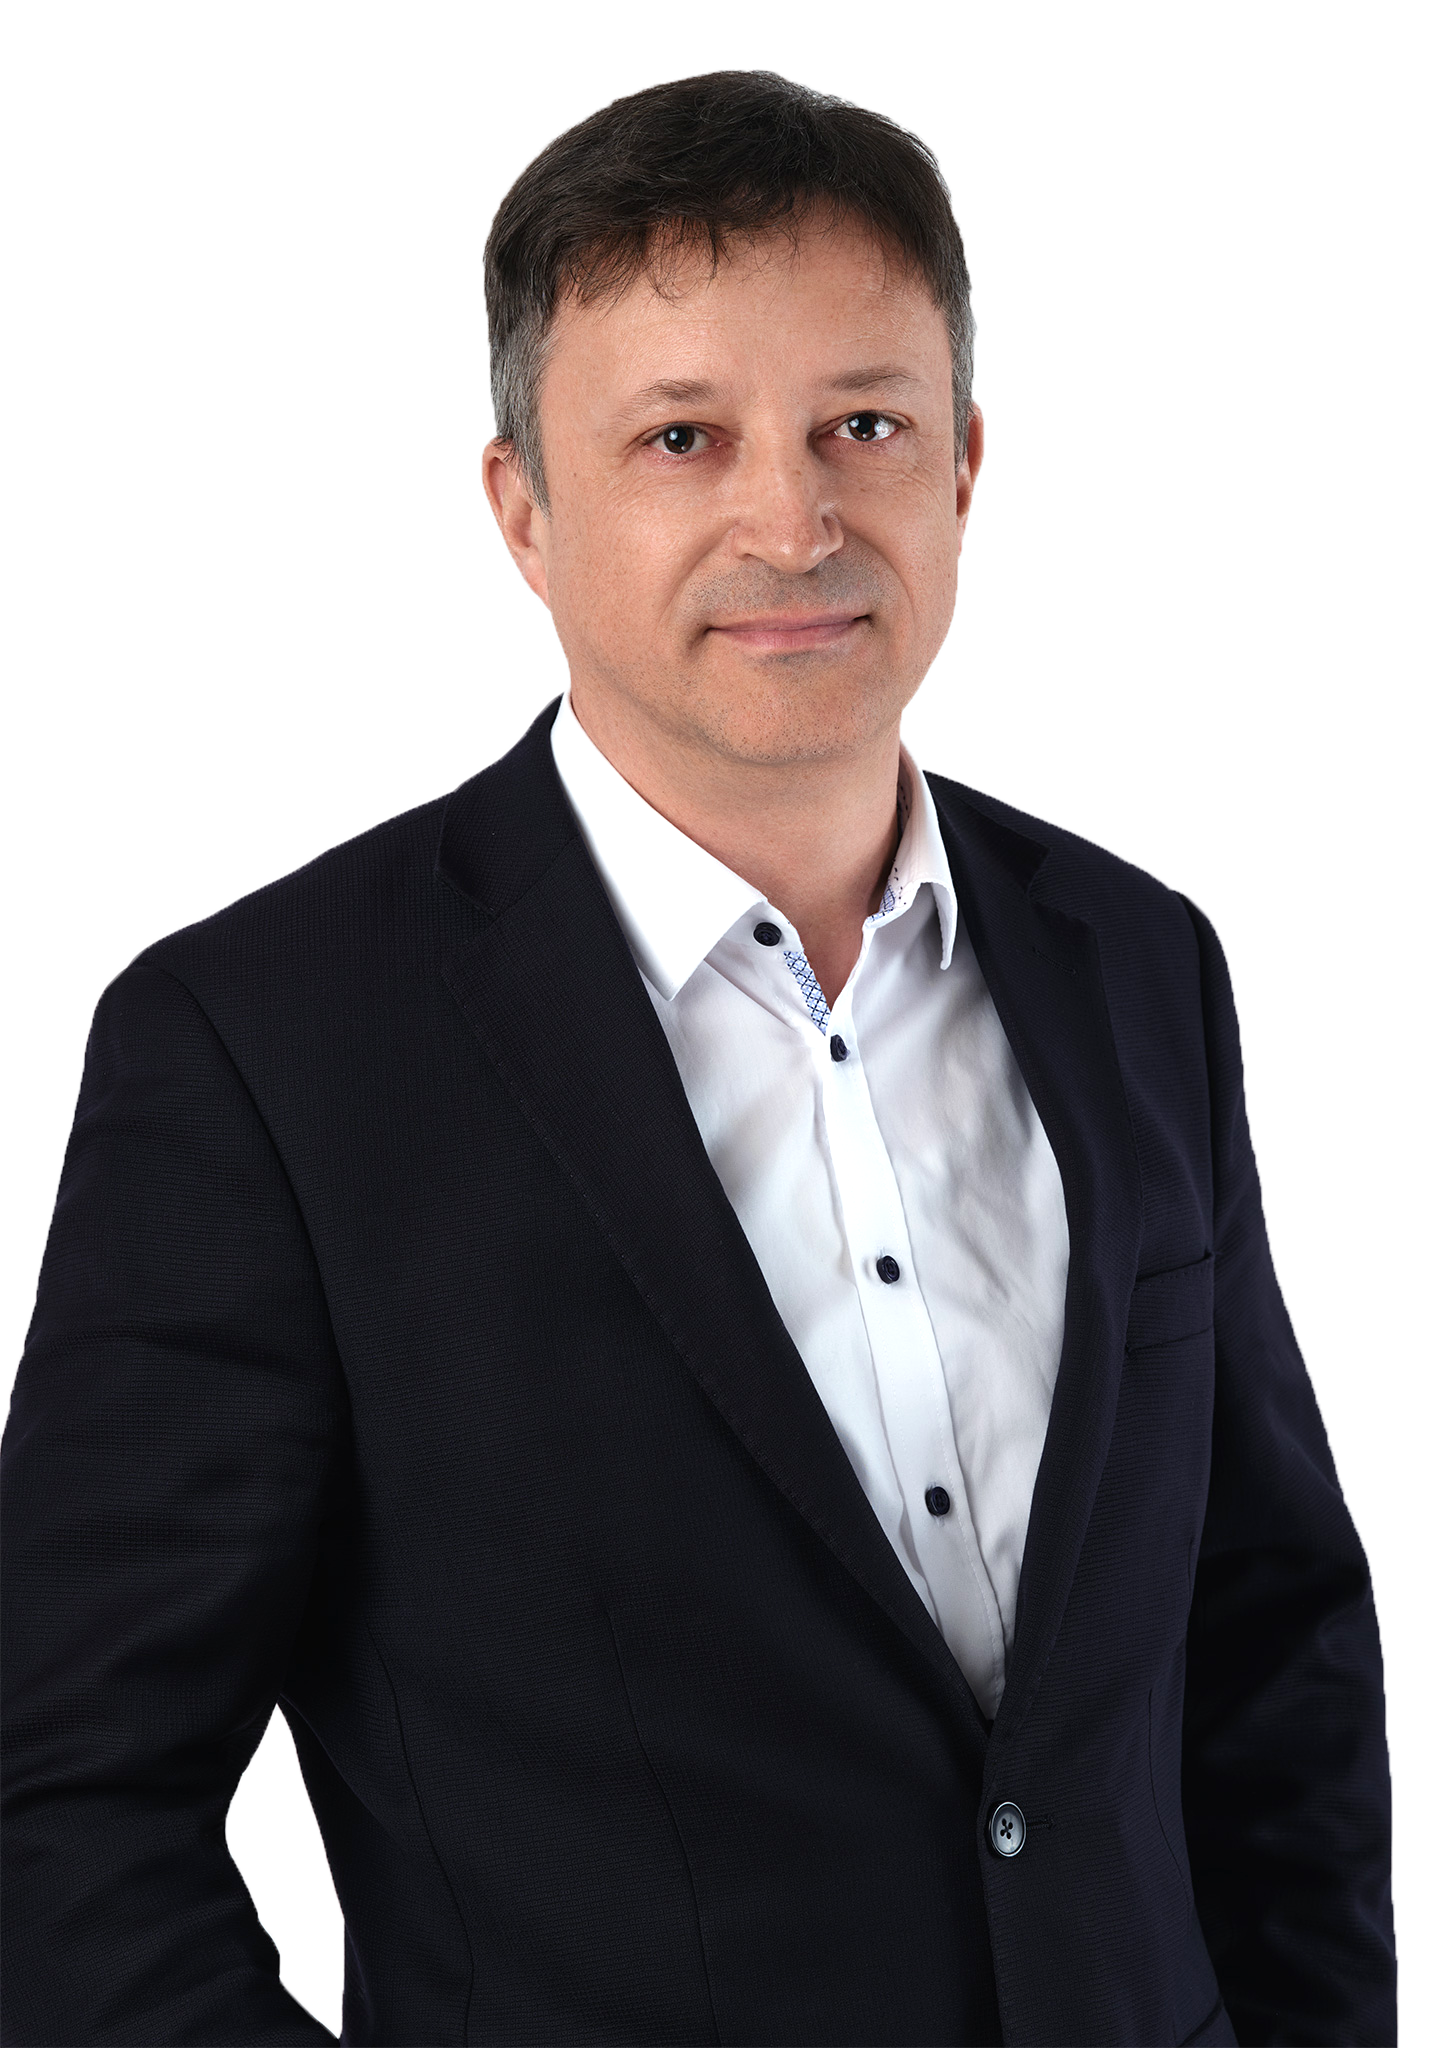 Marko Luksic interview